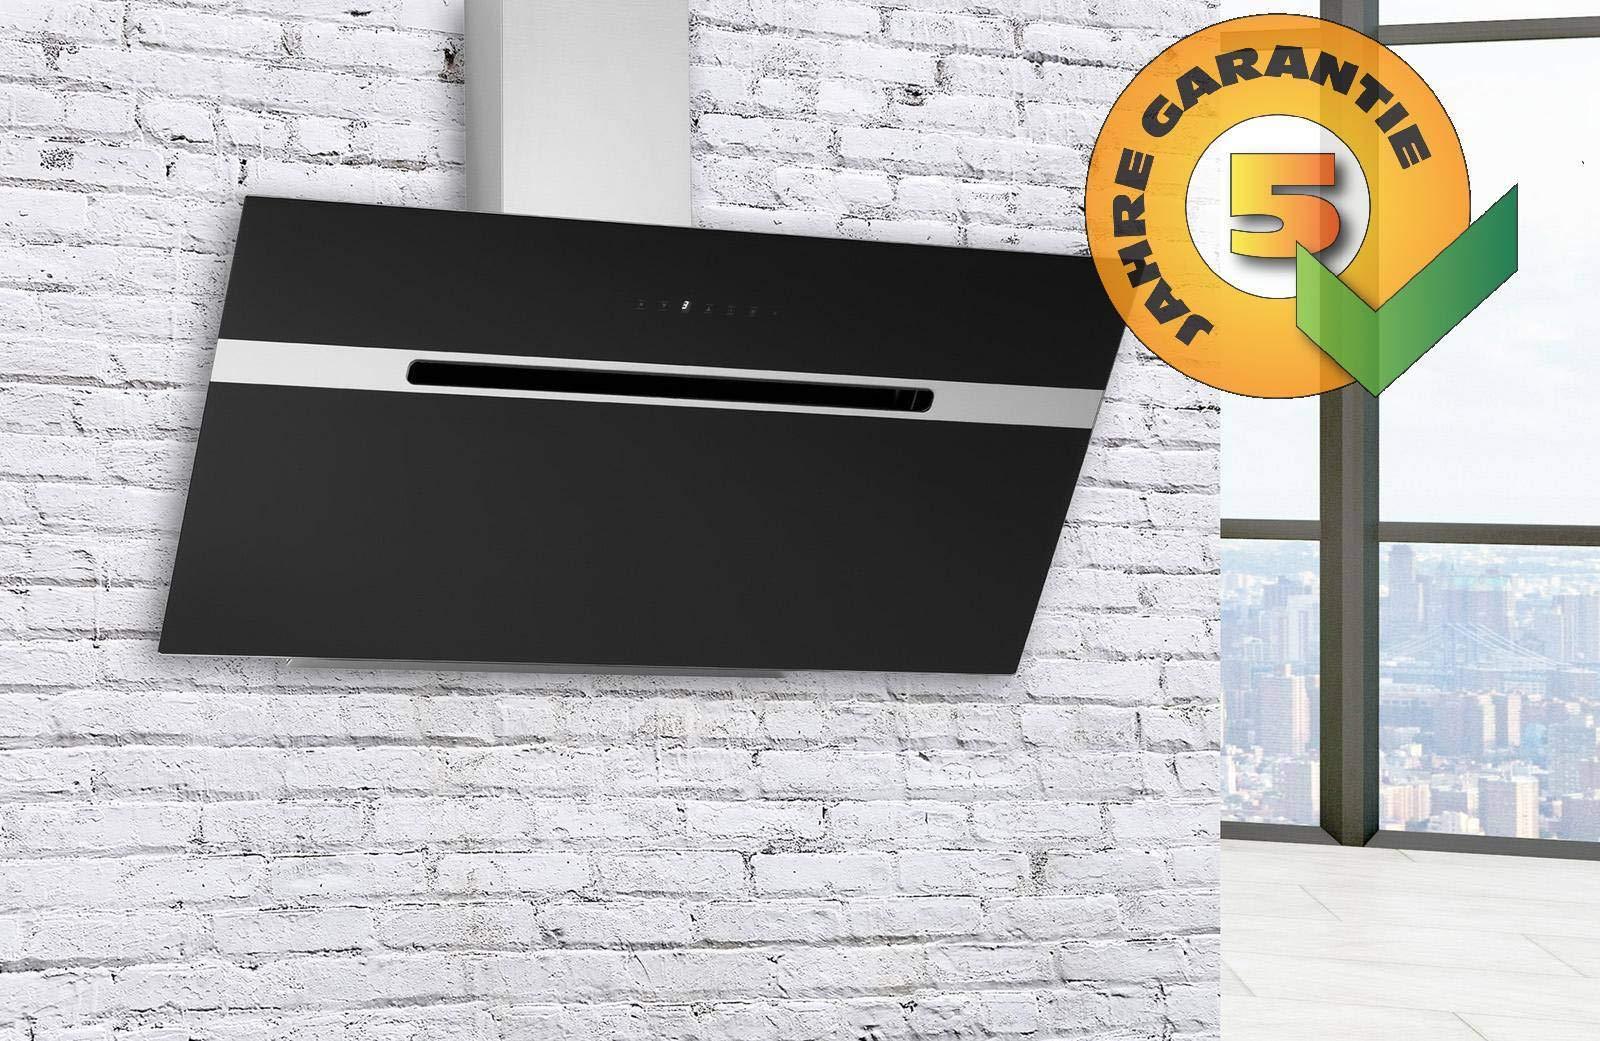 Campana extractora 48 sin cabecera, inclinada, para pared, color negro, 90 cm, 850 m3 + 3 filtros de carbón: Amazon.es: Grandes electrodomésticos